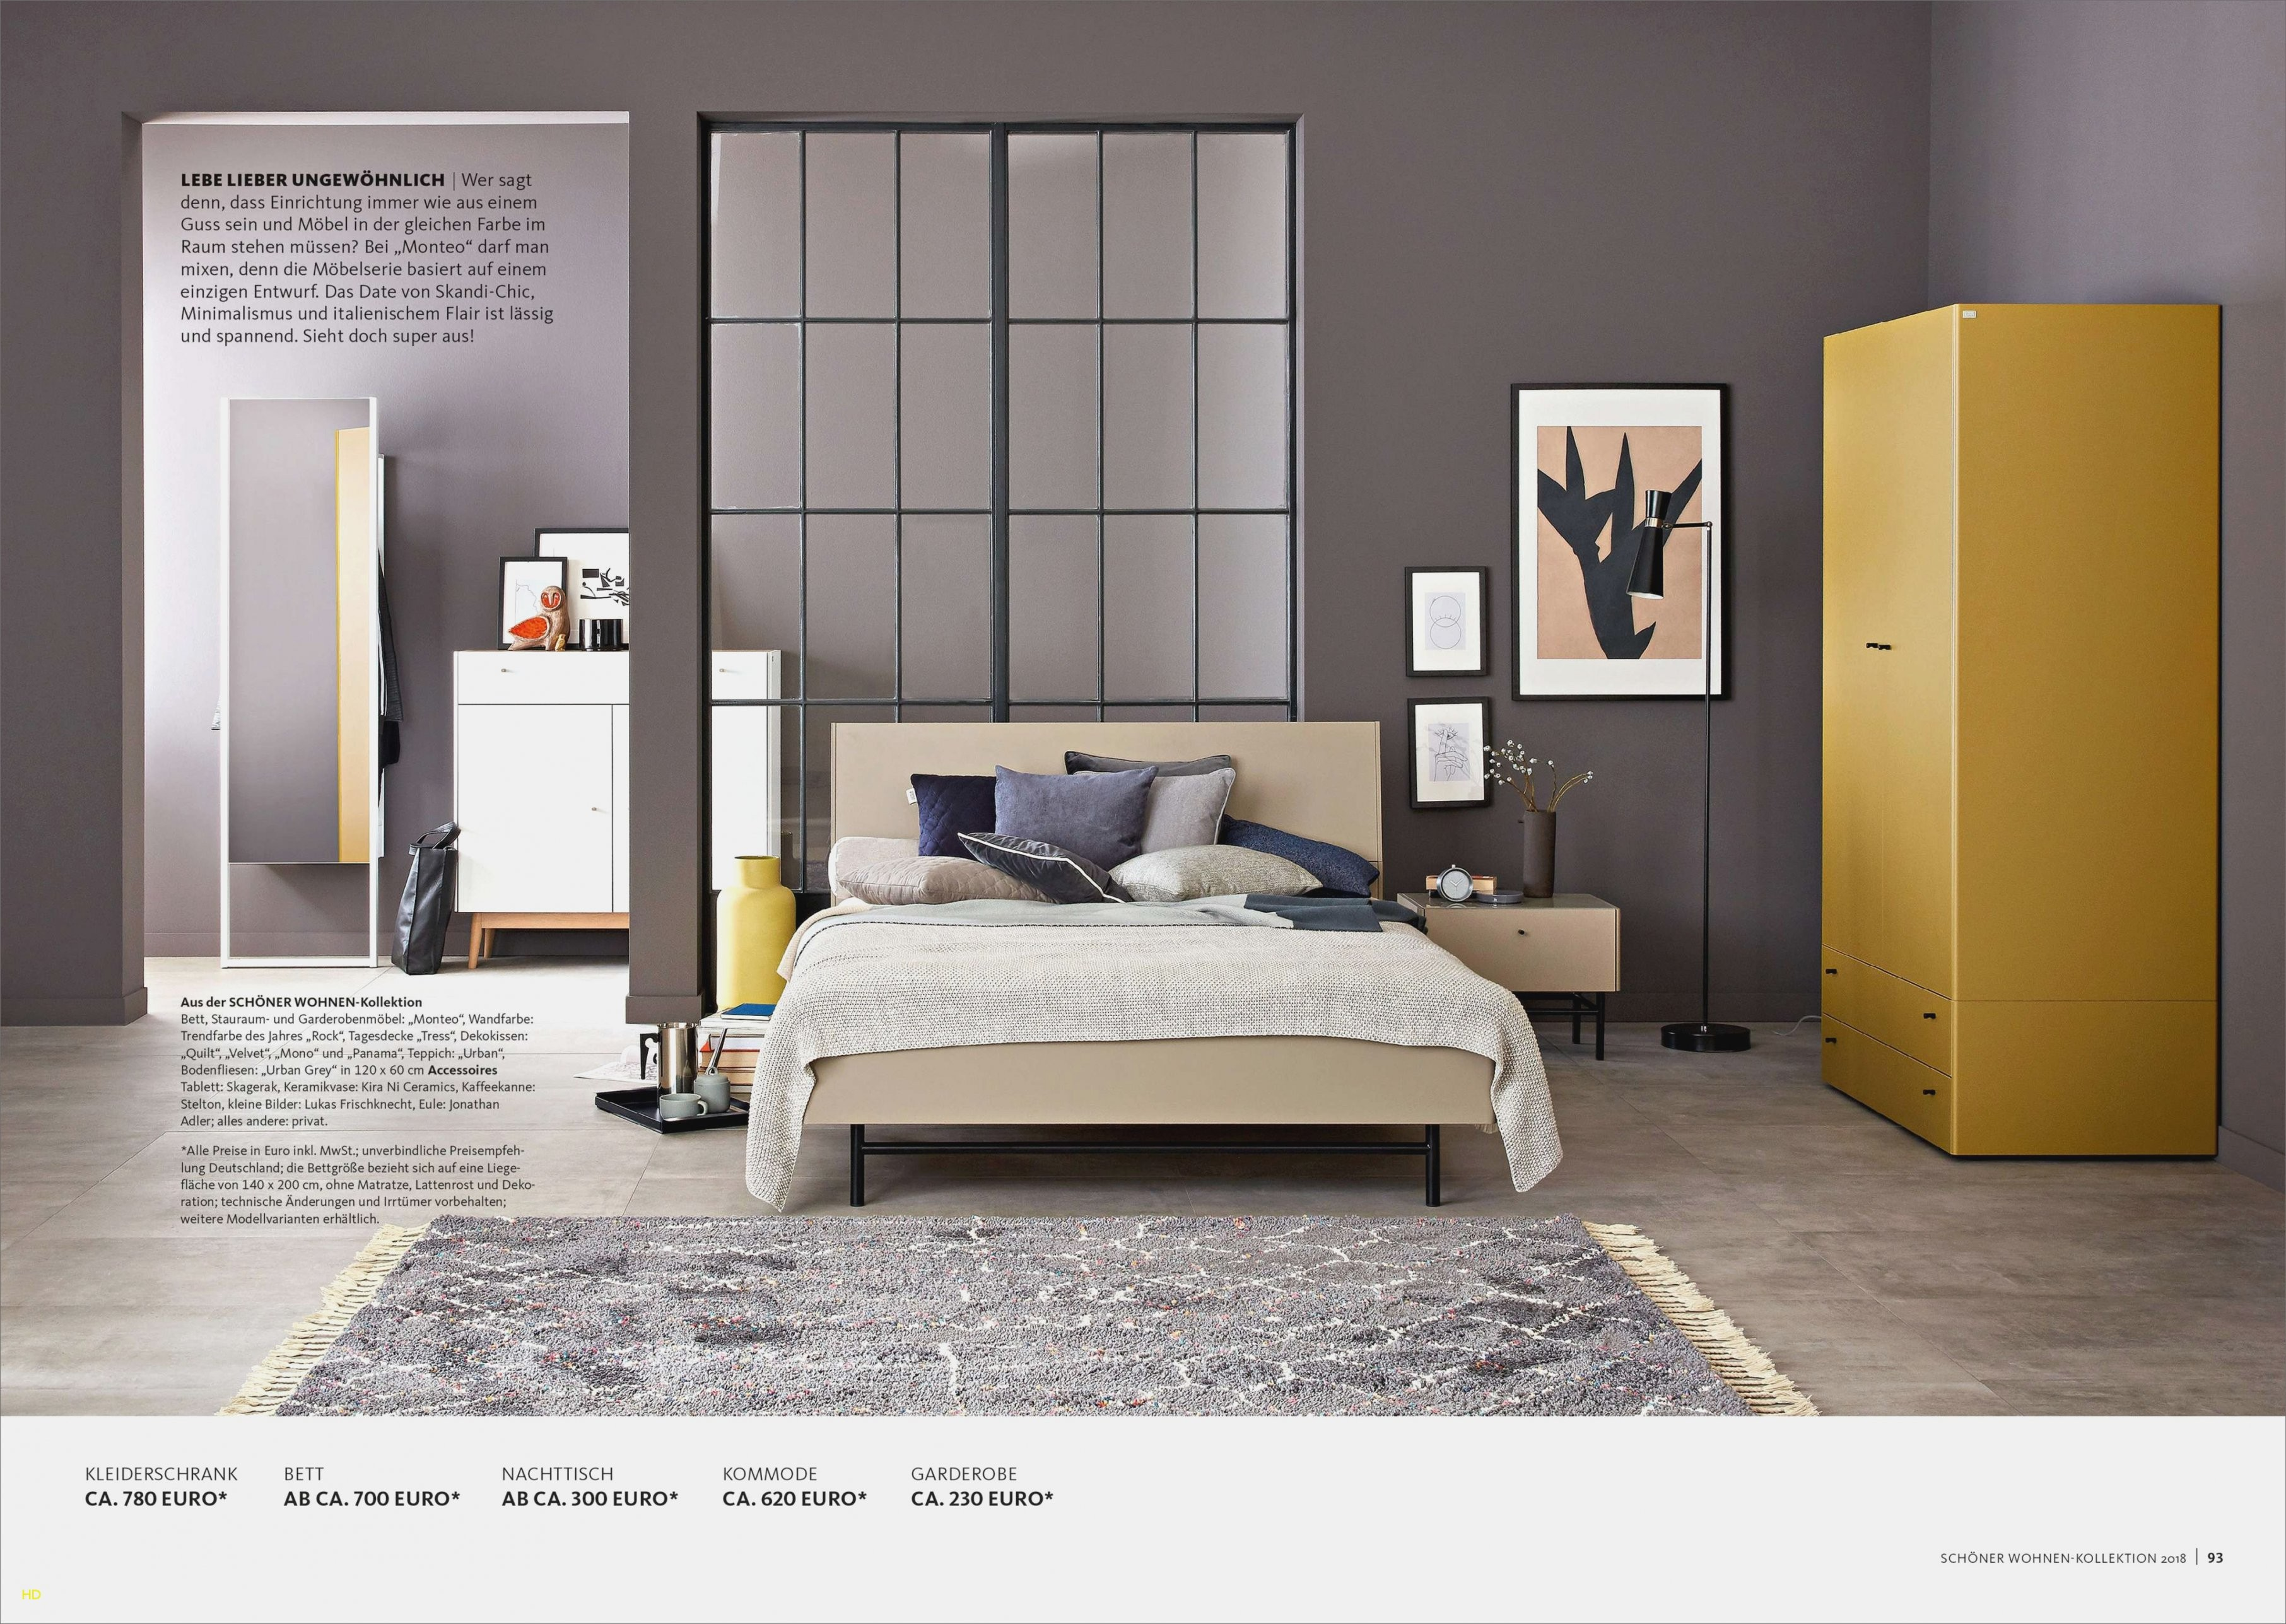 Bett 140X200 Mit Matratze Und Lattenrost Otto  Ausreise Info von Otto Betten 140X200 Mit Matratze Bild